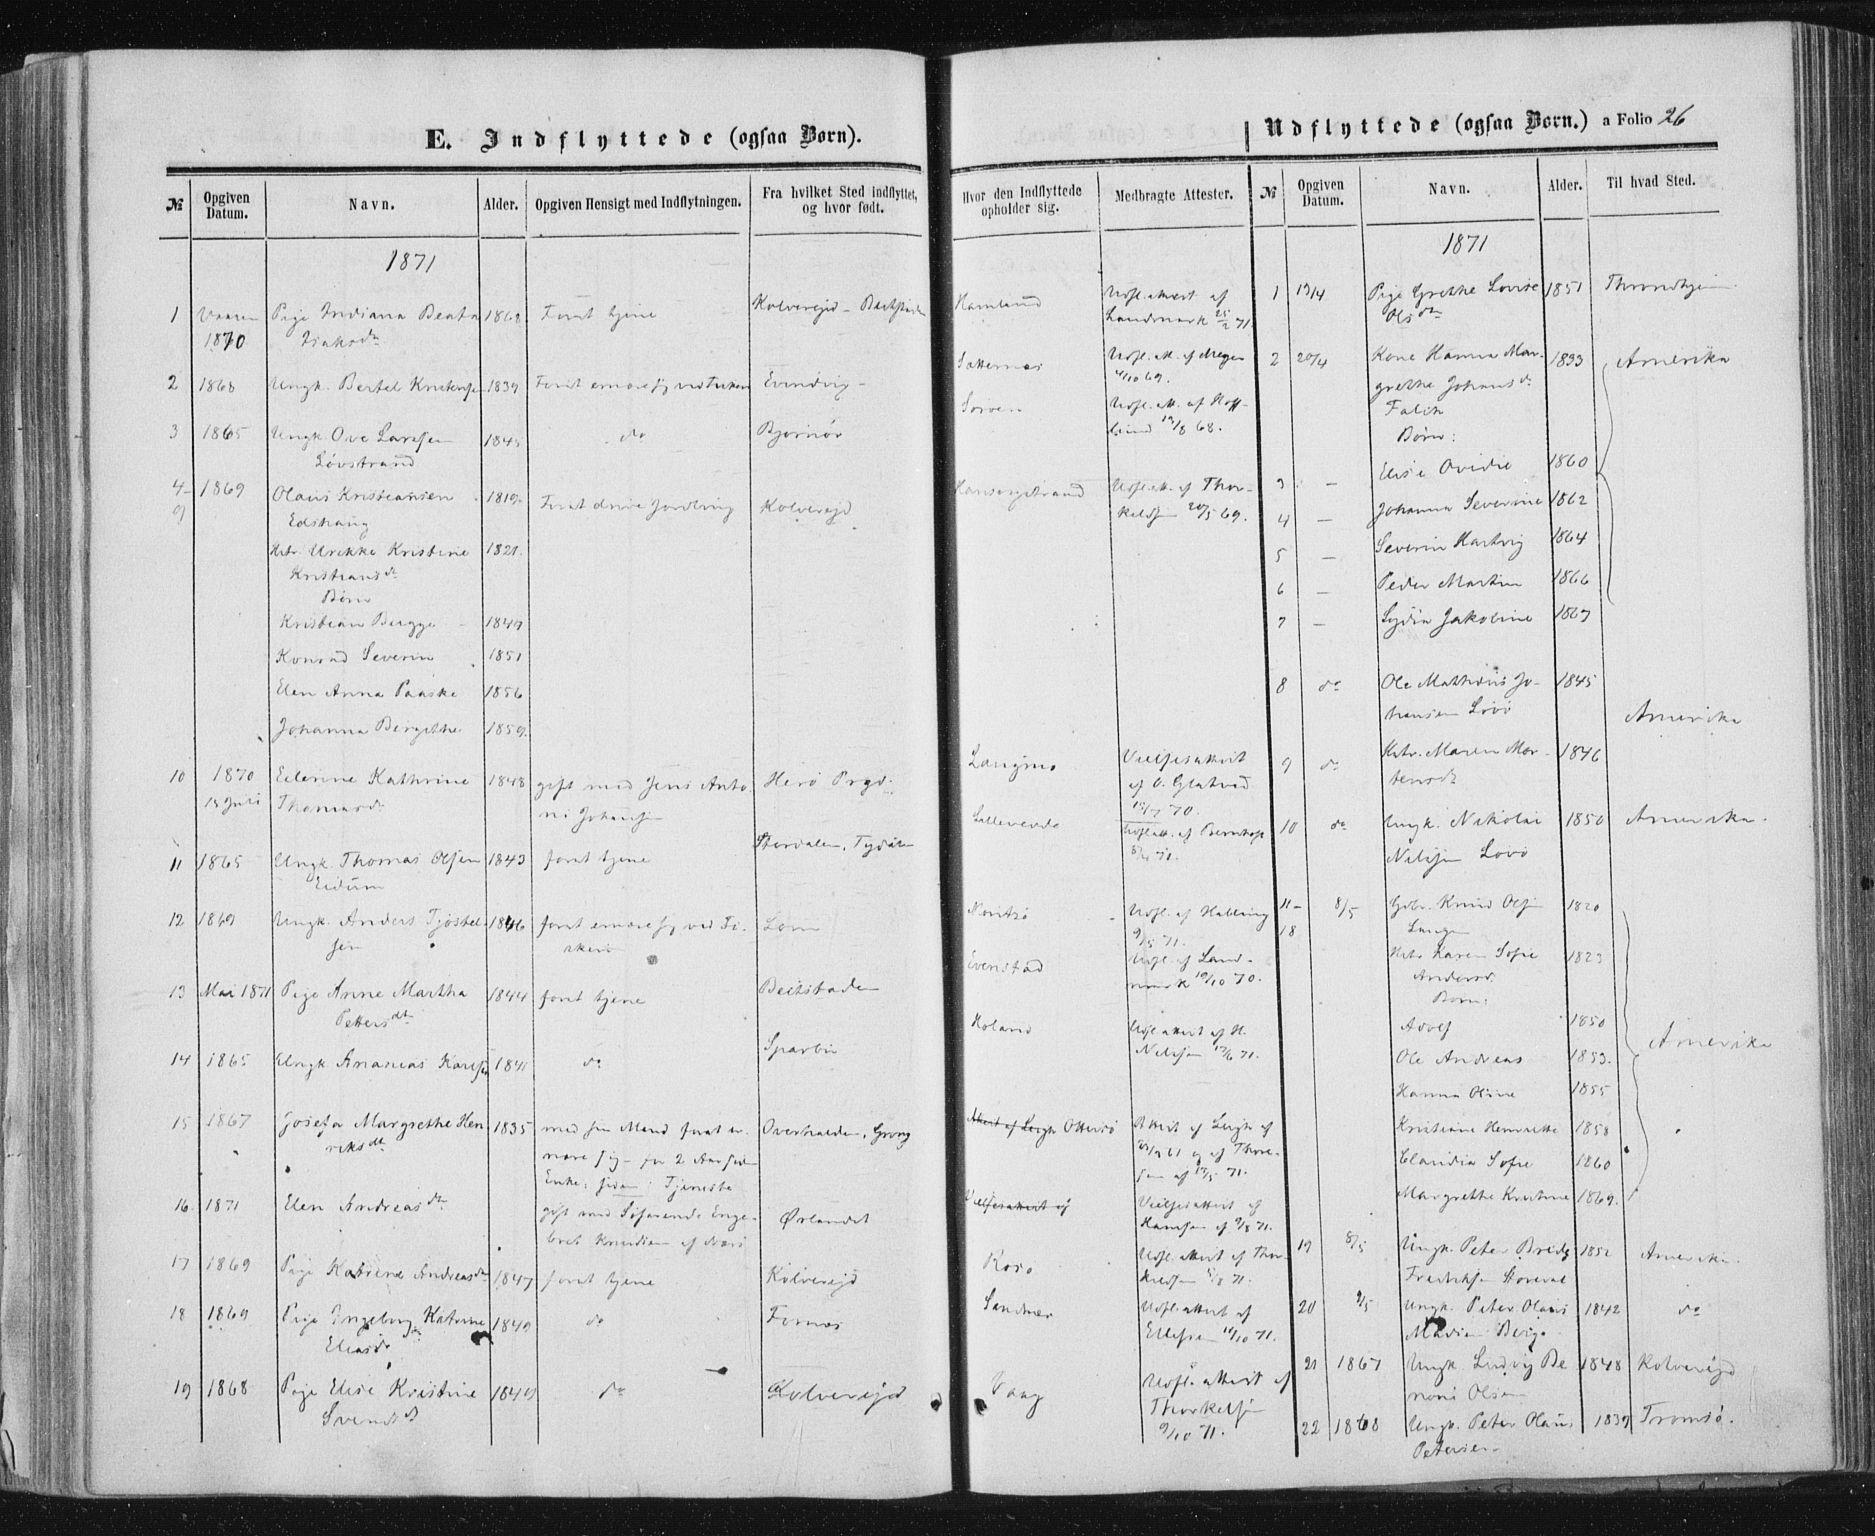 SAT, Ministerialprotokoller, klokkerbøker og fødselsregistre - Nord-Trøndelag, 784/L0670: Ministerialbok nr. 784A05, 1860-1876, s. 26